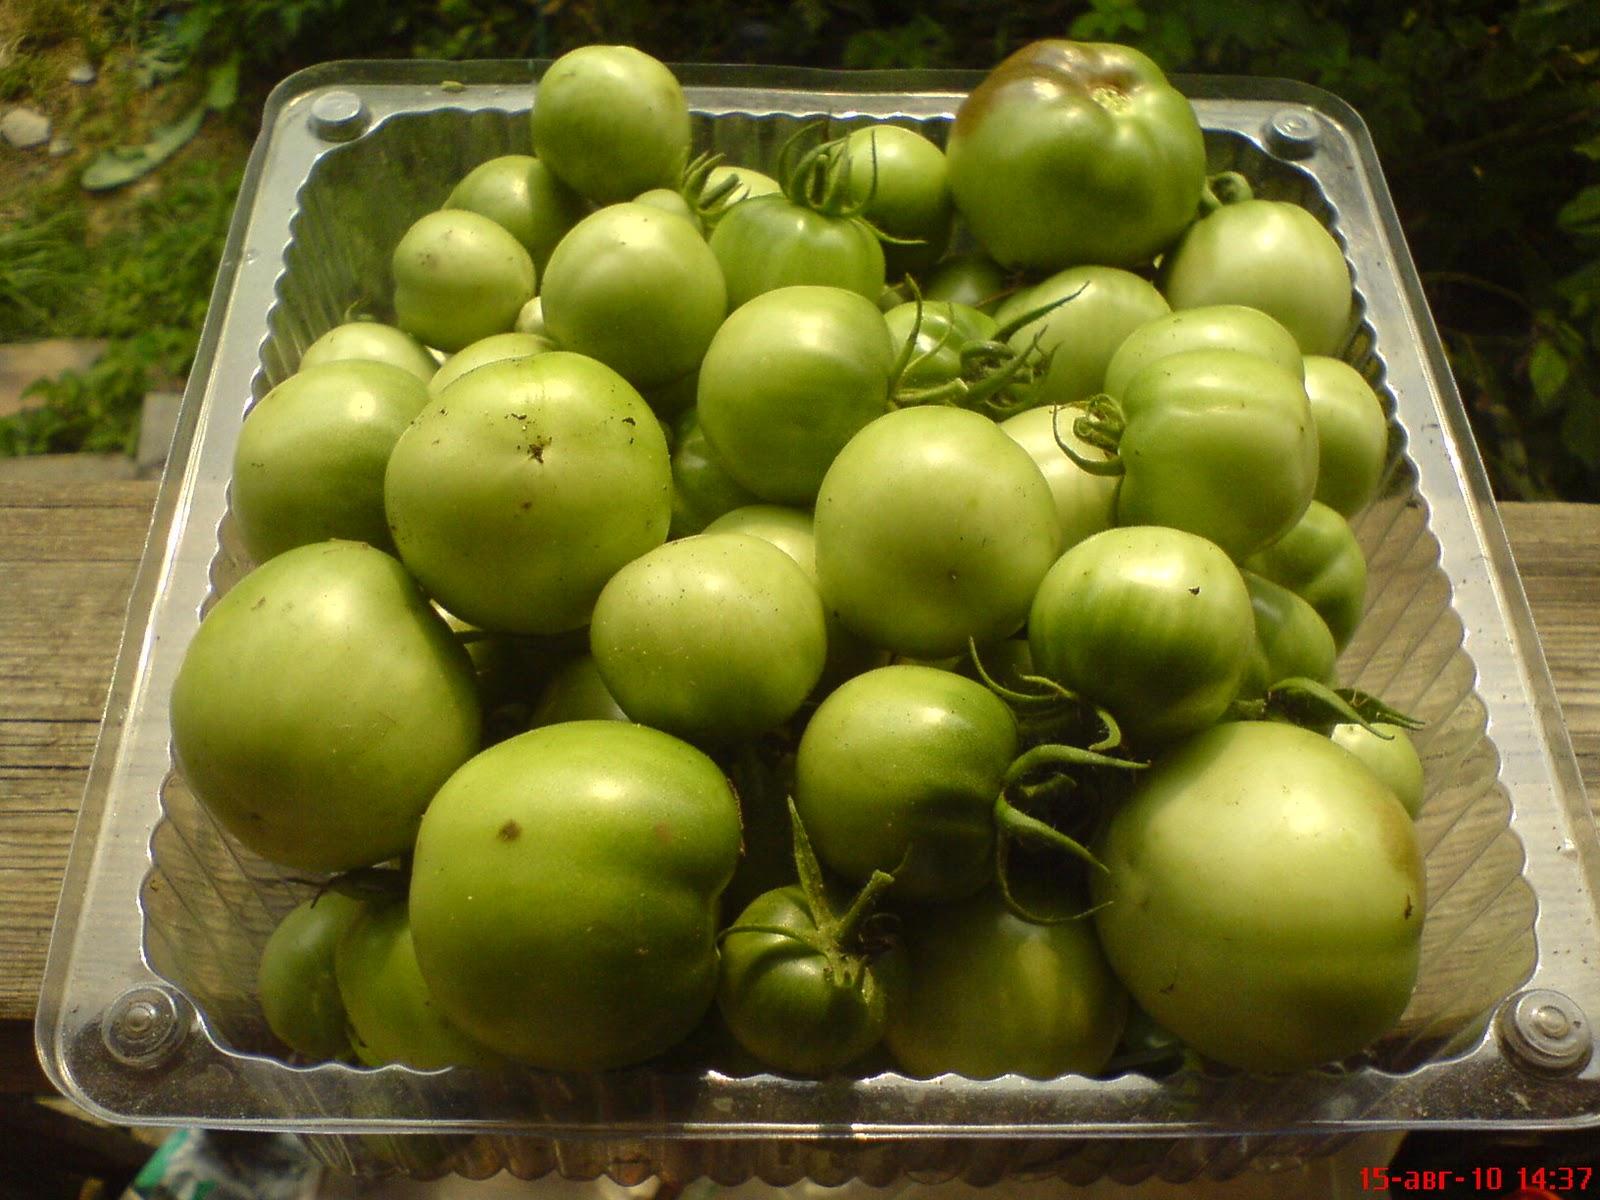 видио инструкция по борьбе с фитофторозом на томатах